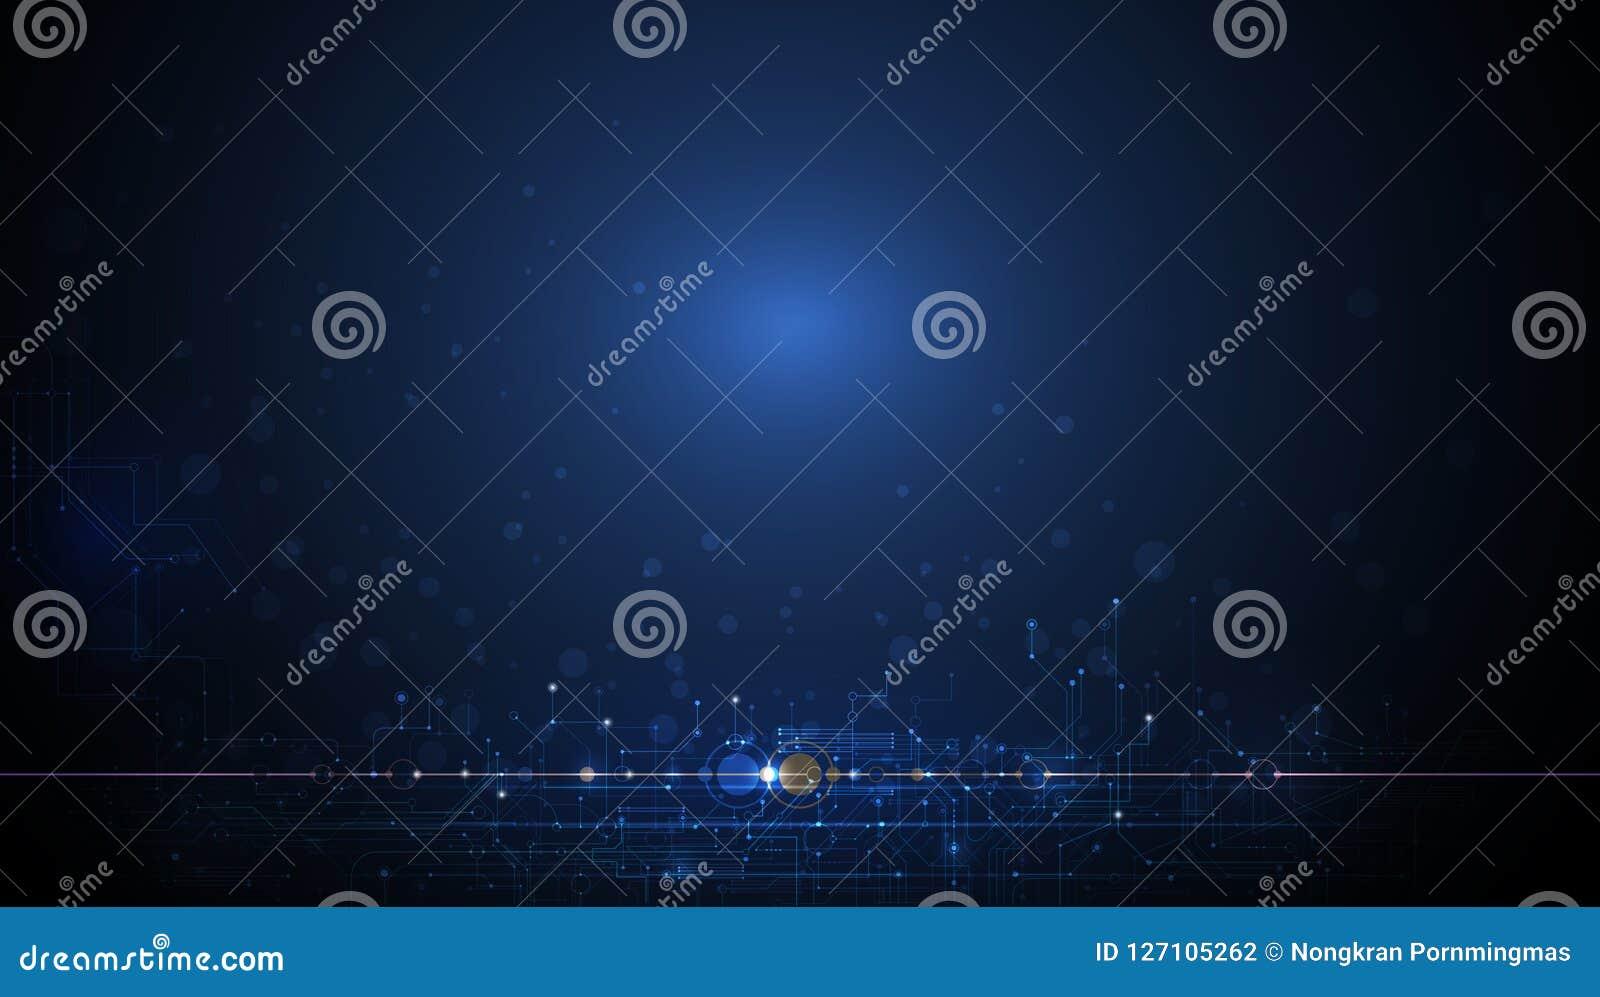 Dirigez la conception pour la technologie abstraite, communication, futuriste Concept numérique de pointe sur le fond bleu-foncé